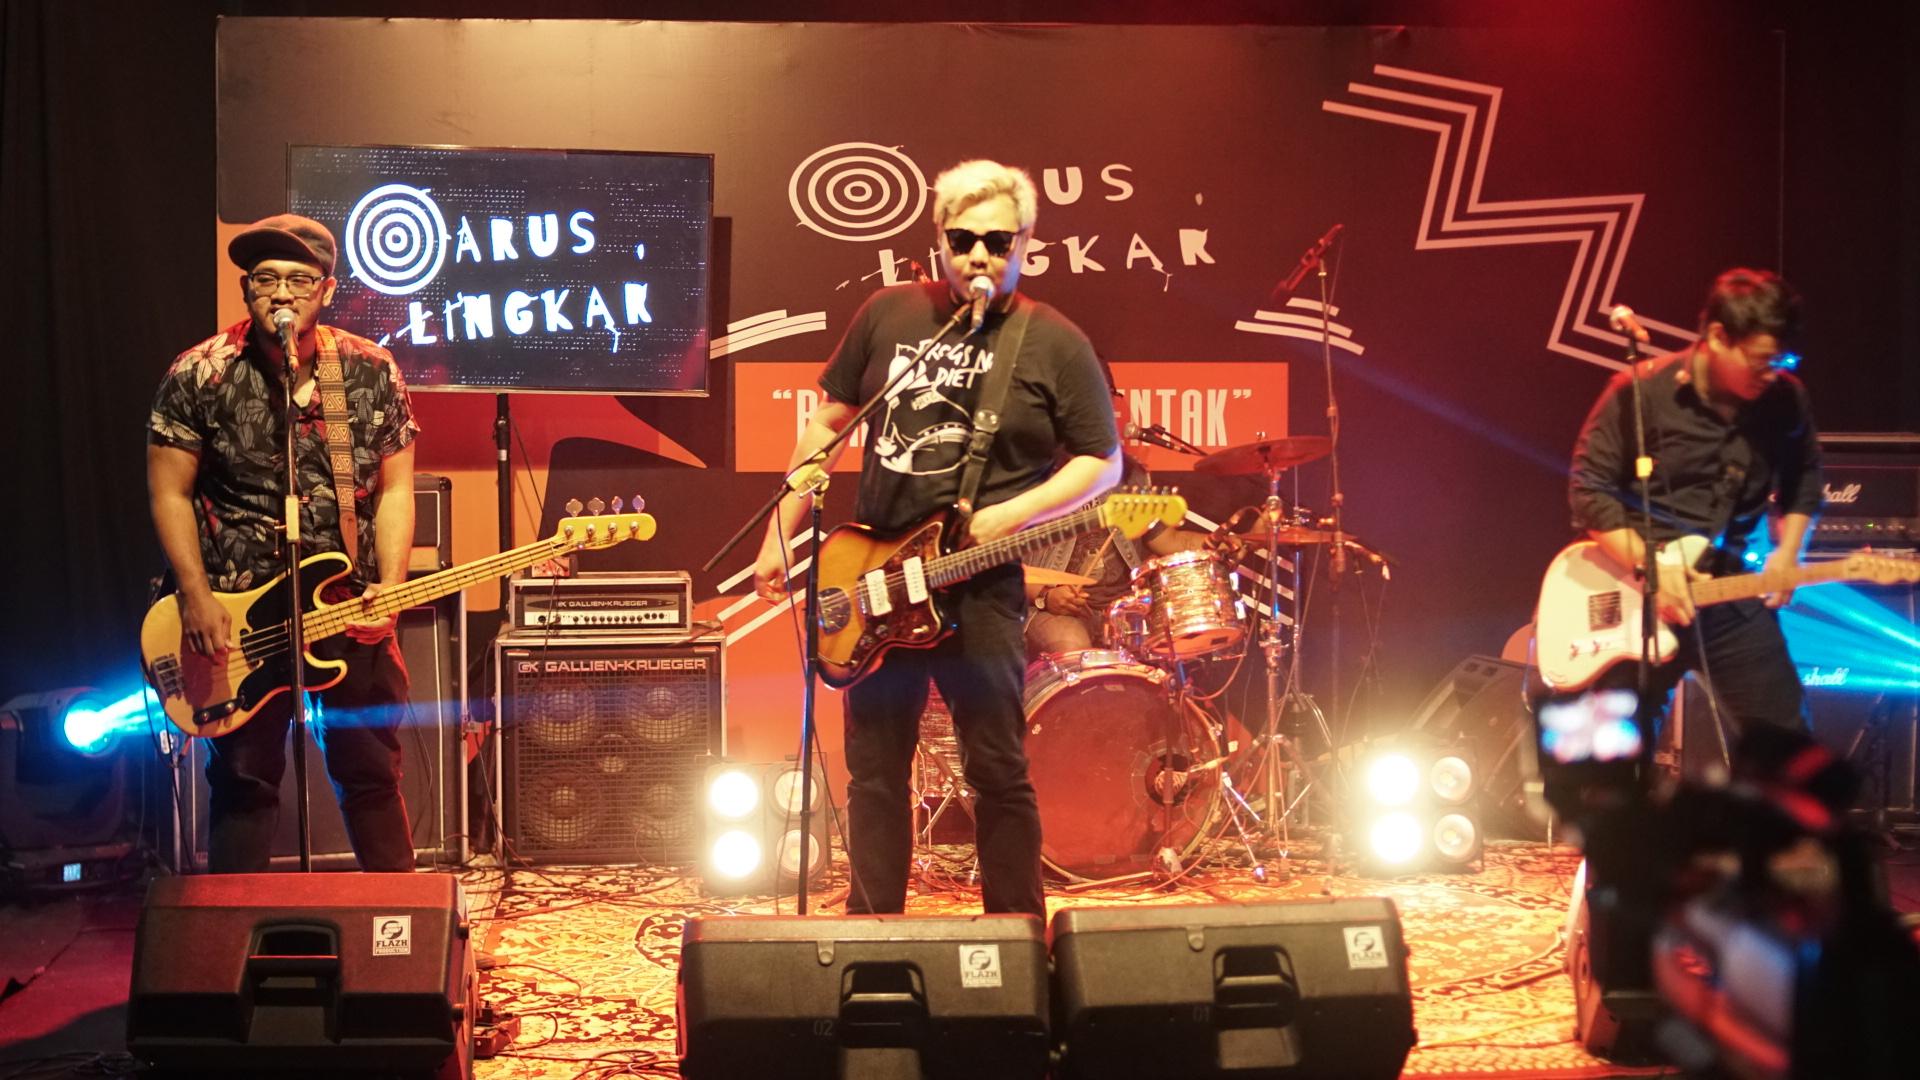 Saint Jimmy Live di Arus Lingkar